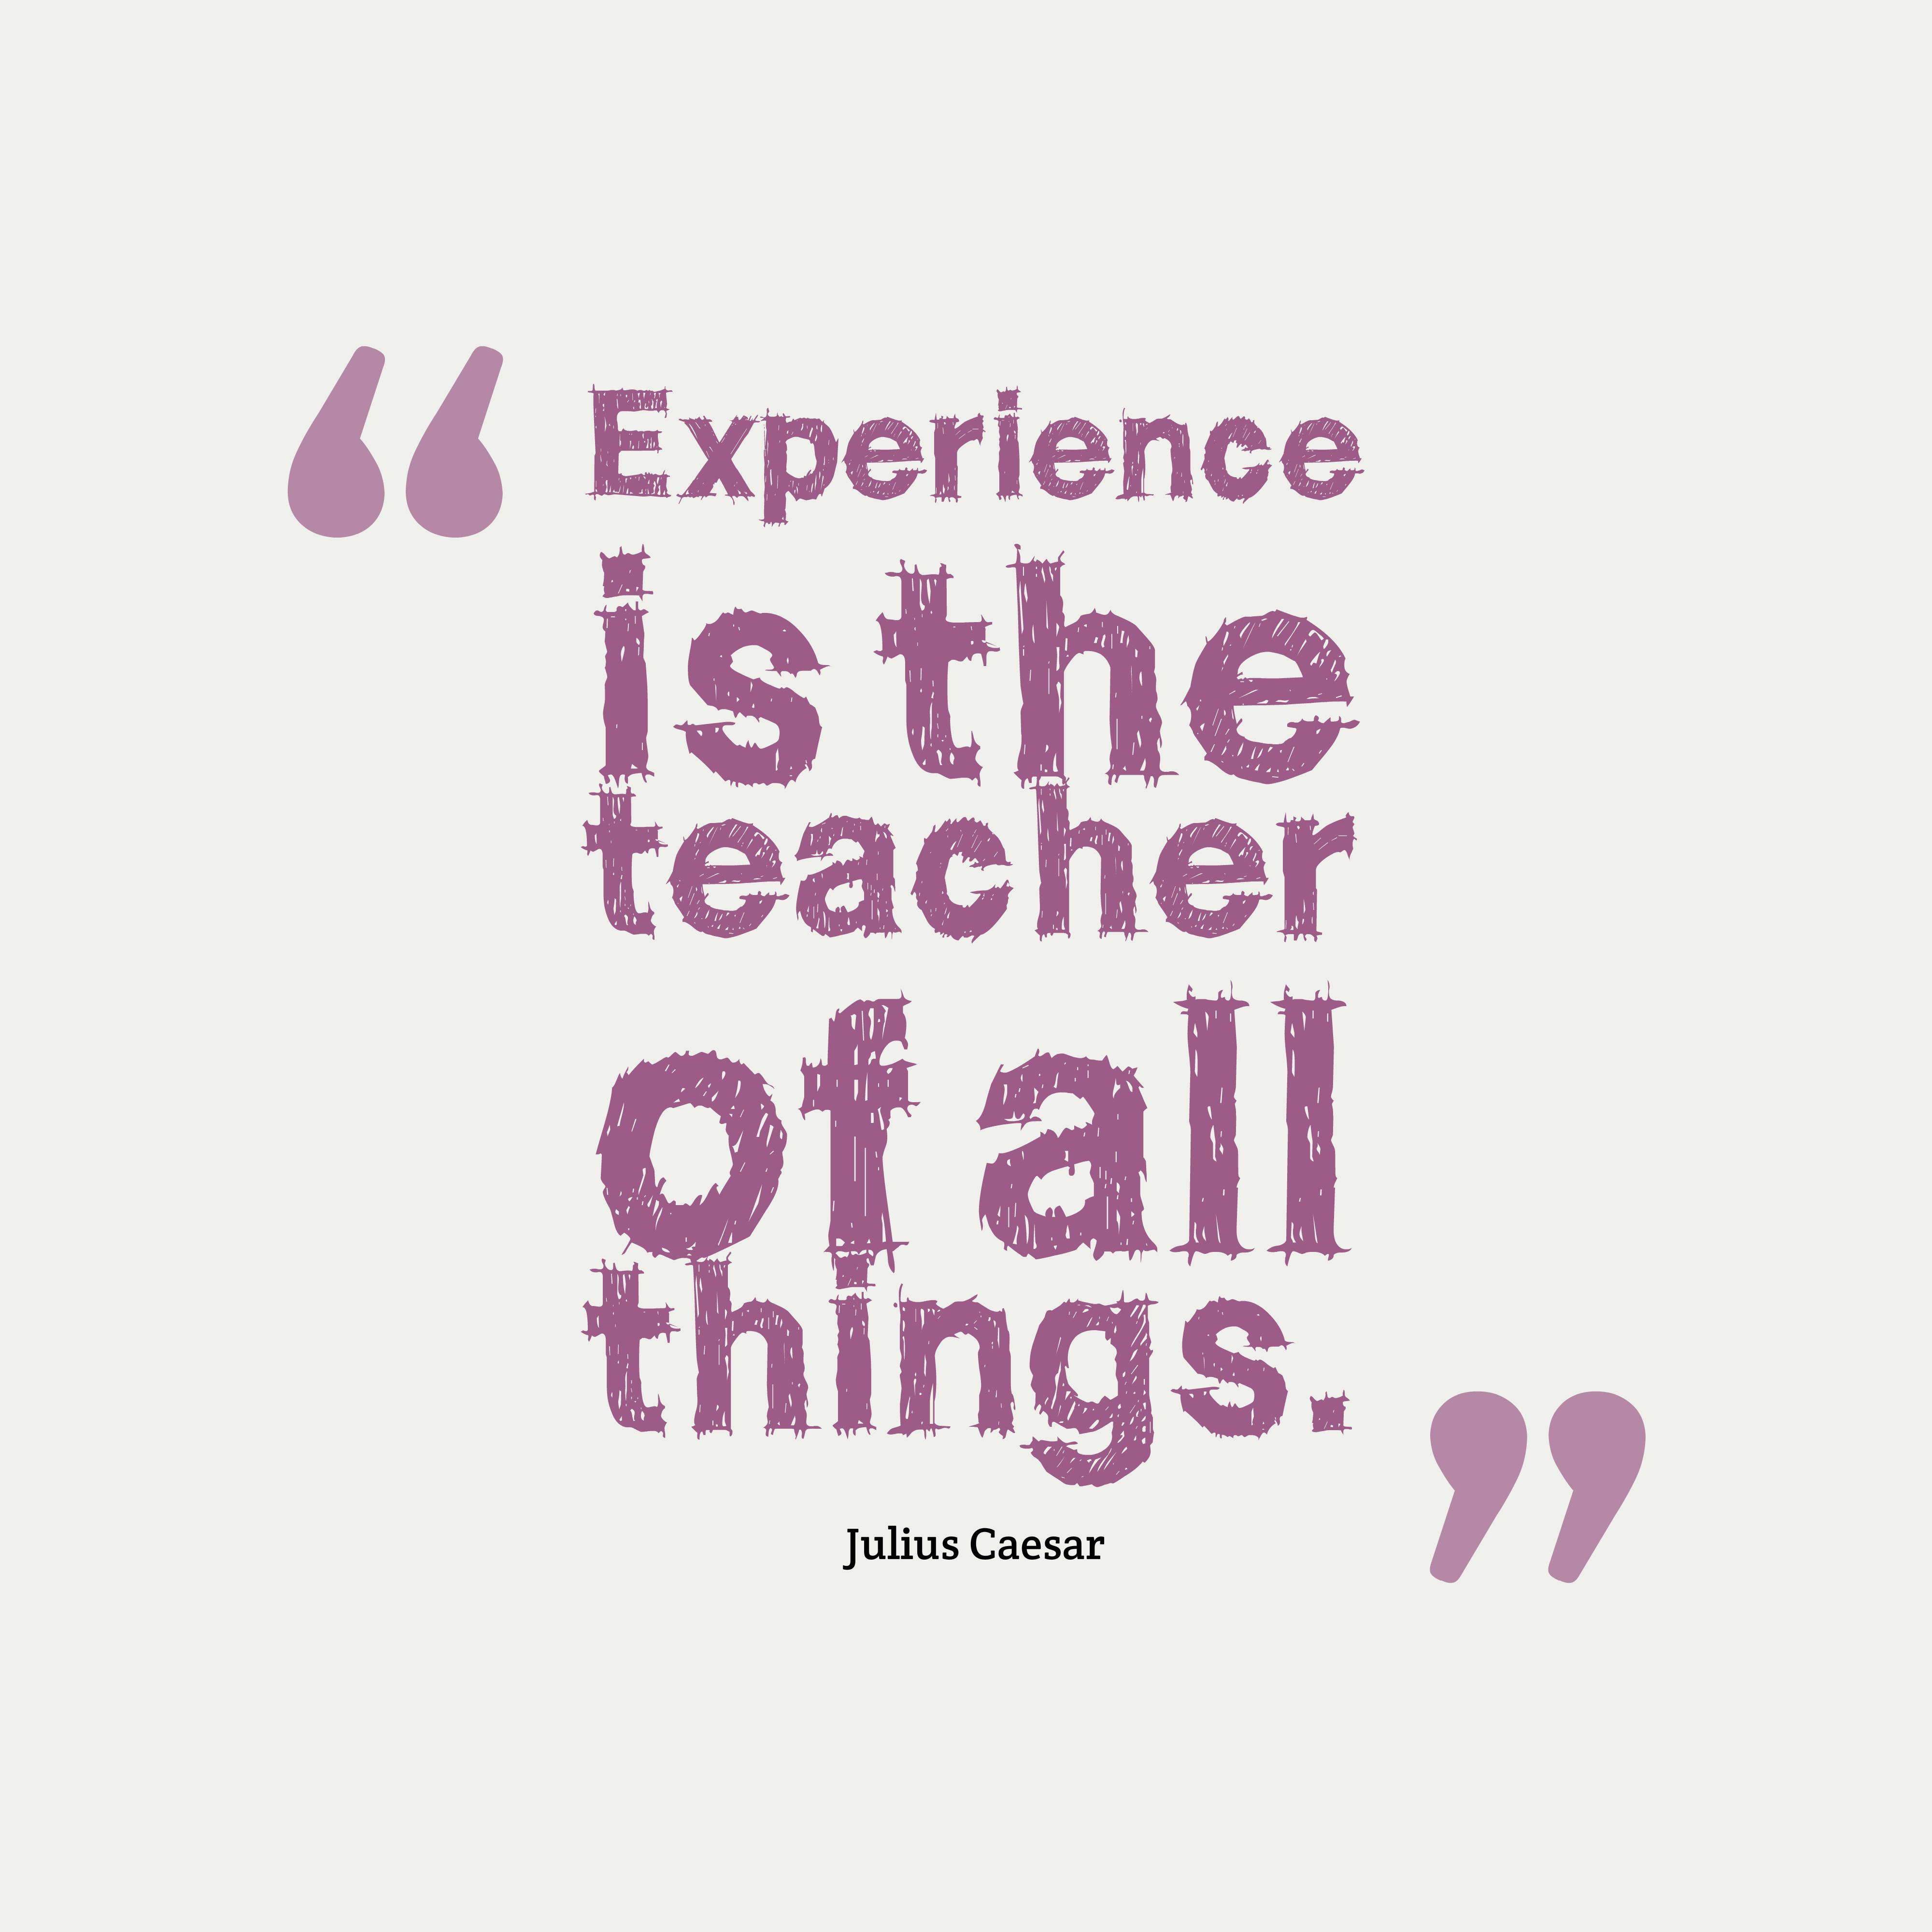 julius caesar quote about experience